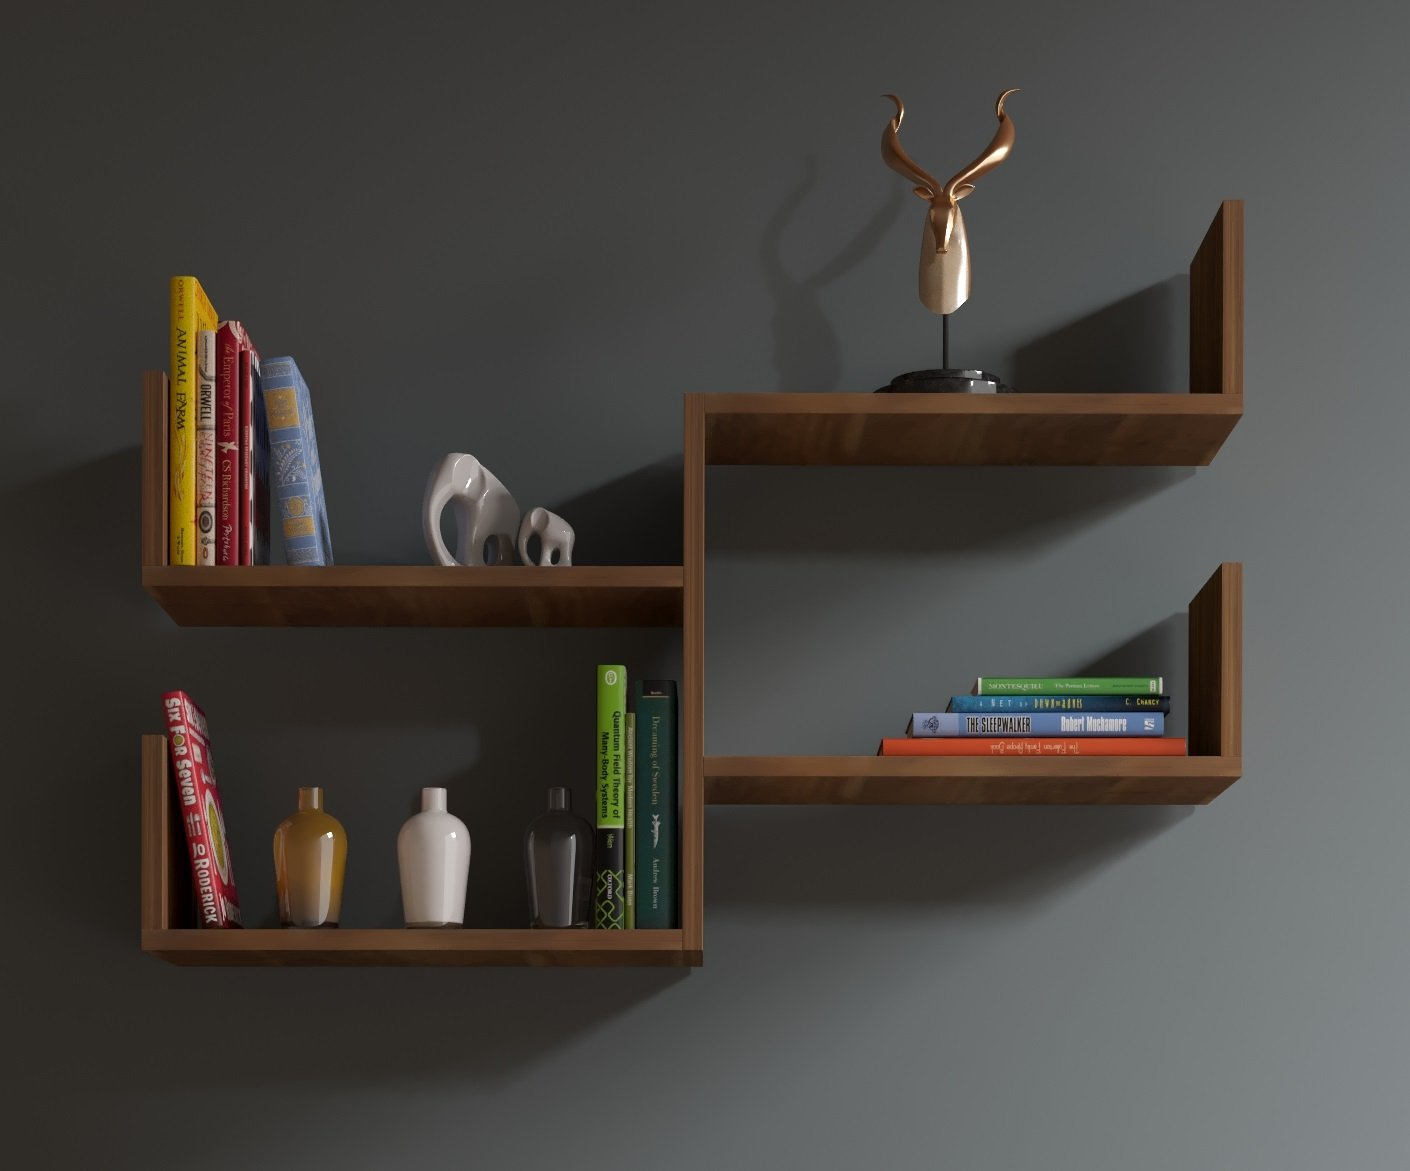 Homidea Fresh Wandregal - Bücherregal - Hängeregal - Dekoregal für Wohnzimmer in modernem Design (Nussbaum)